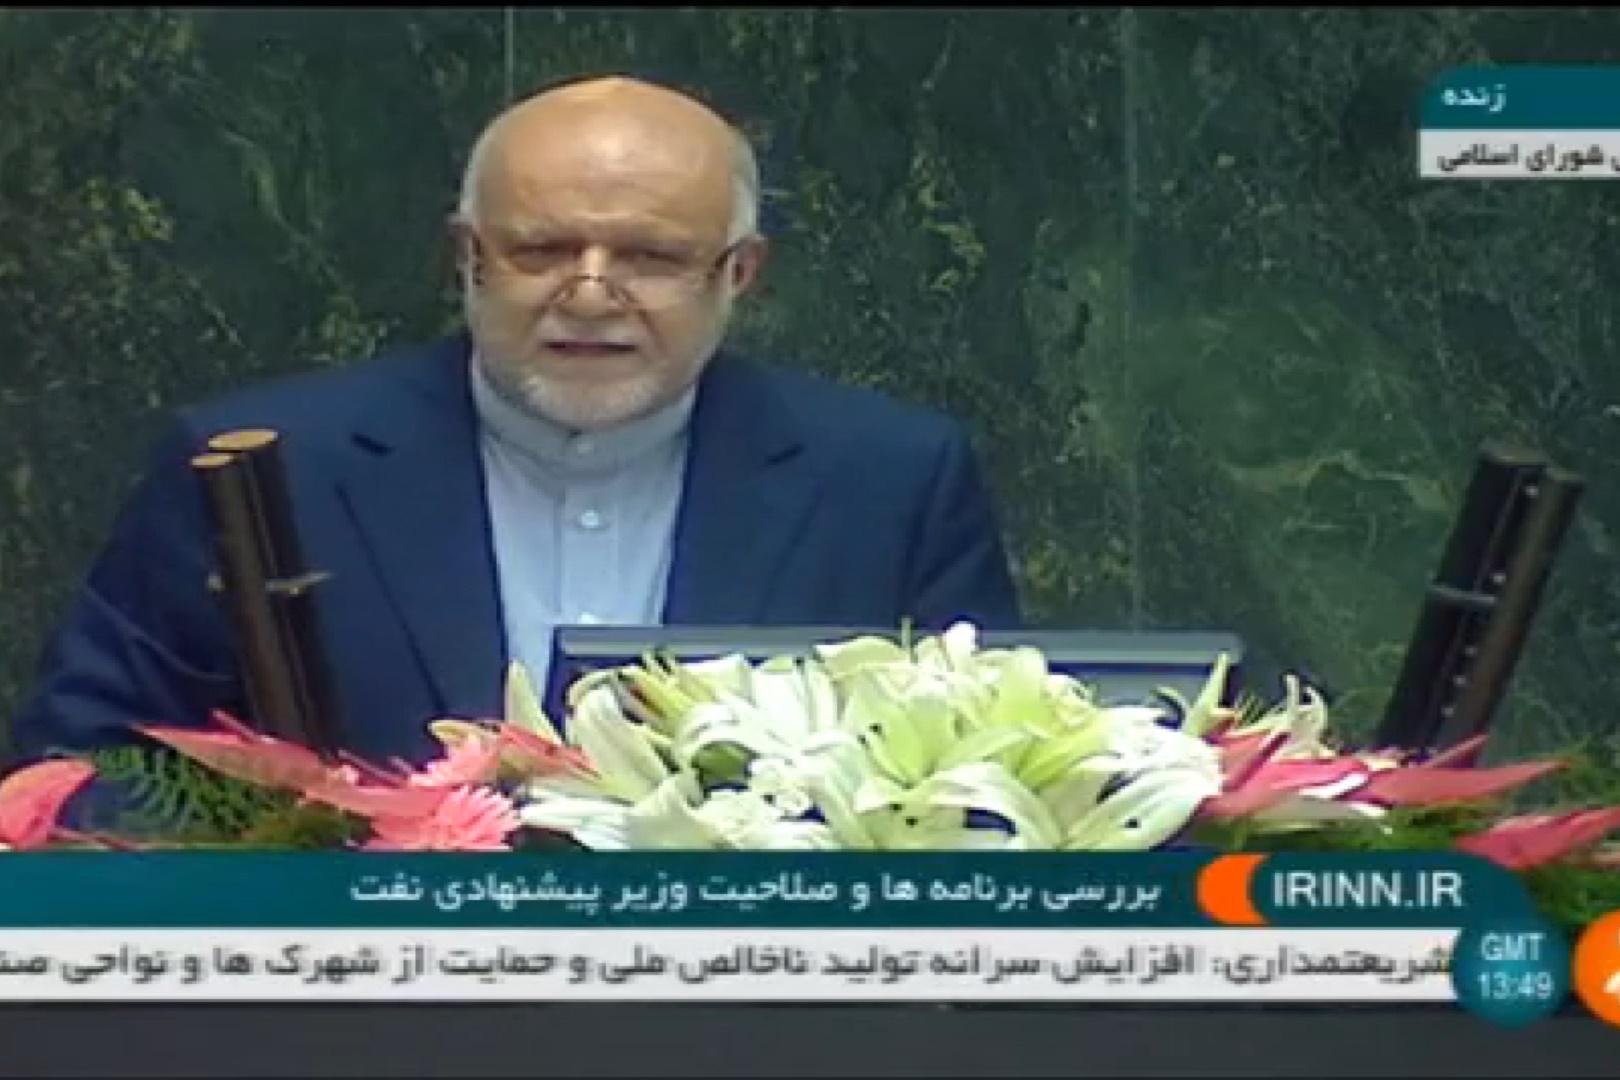 فیلم | پاسخها و رفع ابهامات زنگنه در مجلس؛ دست آقای ظریف را میبوسم